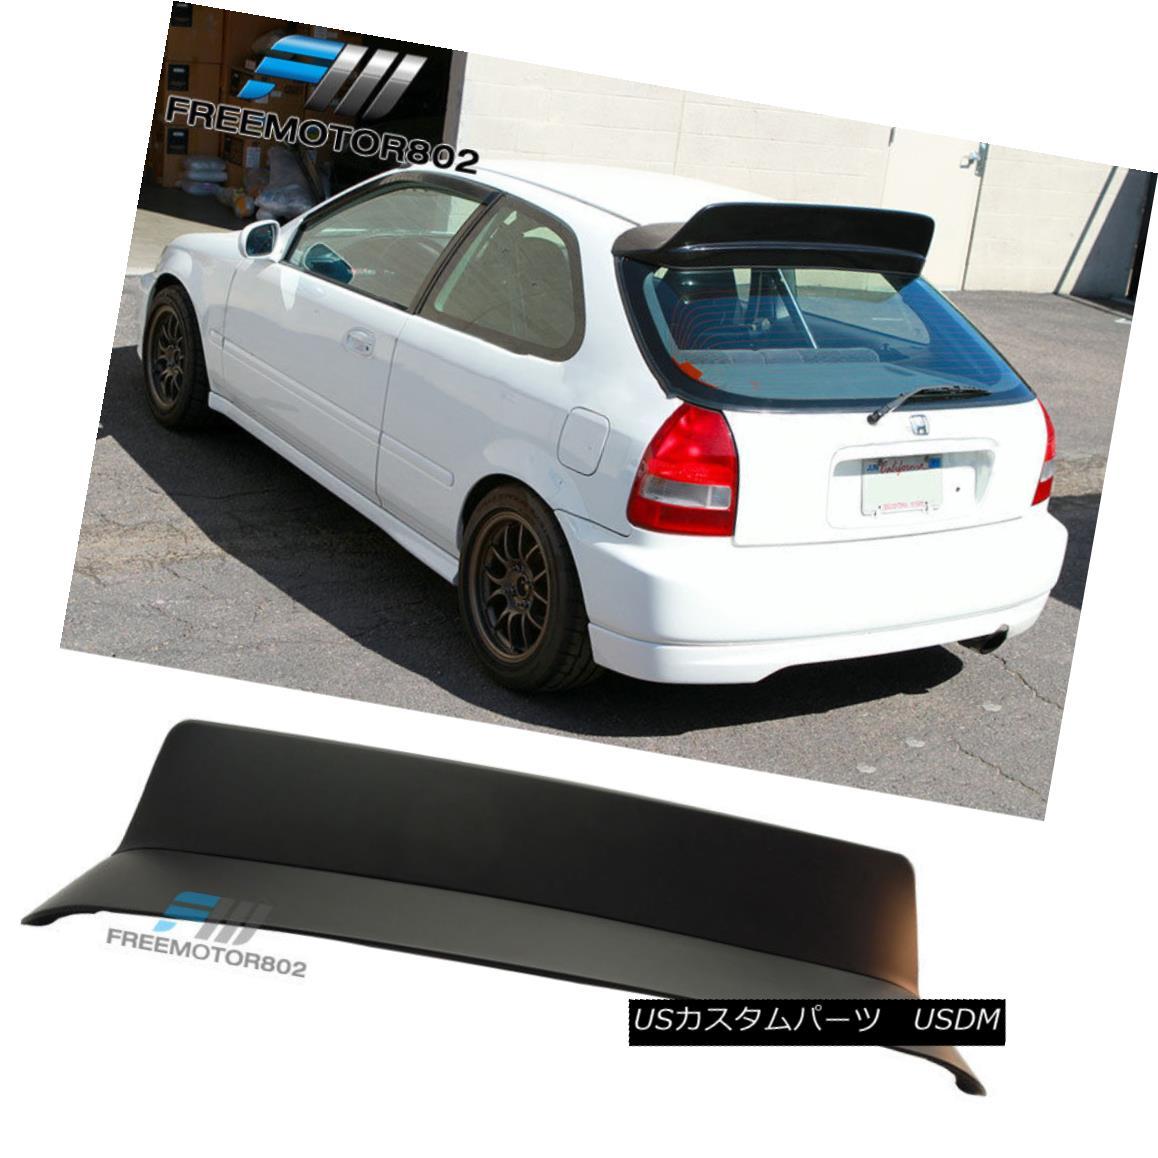 エアロパーツ Fit 96-00 Honda Civic 3 Door ABS BYS Style Rear Roof Spoiler Painted Matte Black フィット96-00ホンダシビック3ドアABS BYSスタイルリアルーフスポイラー塗装マットブラック